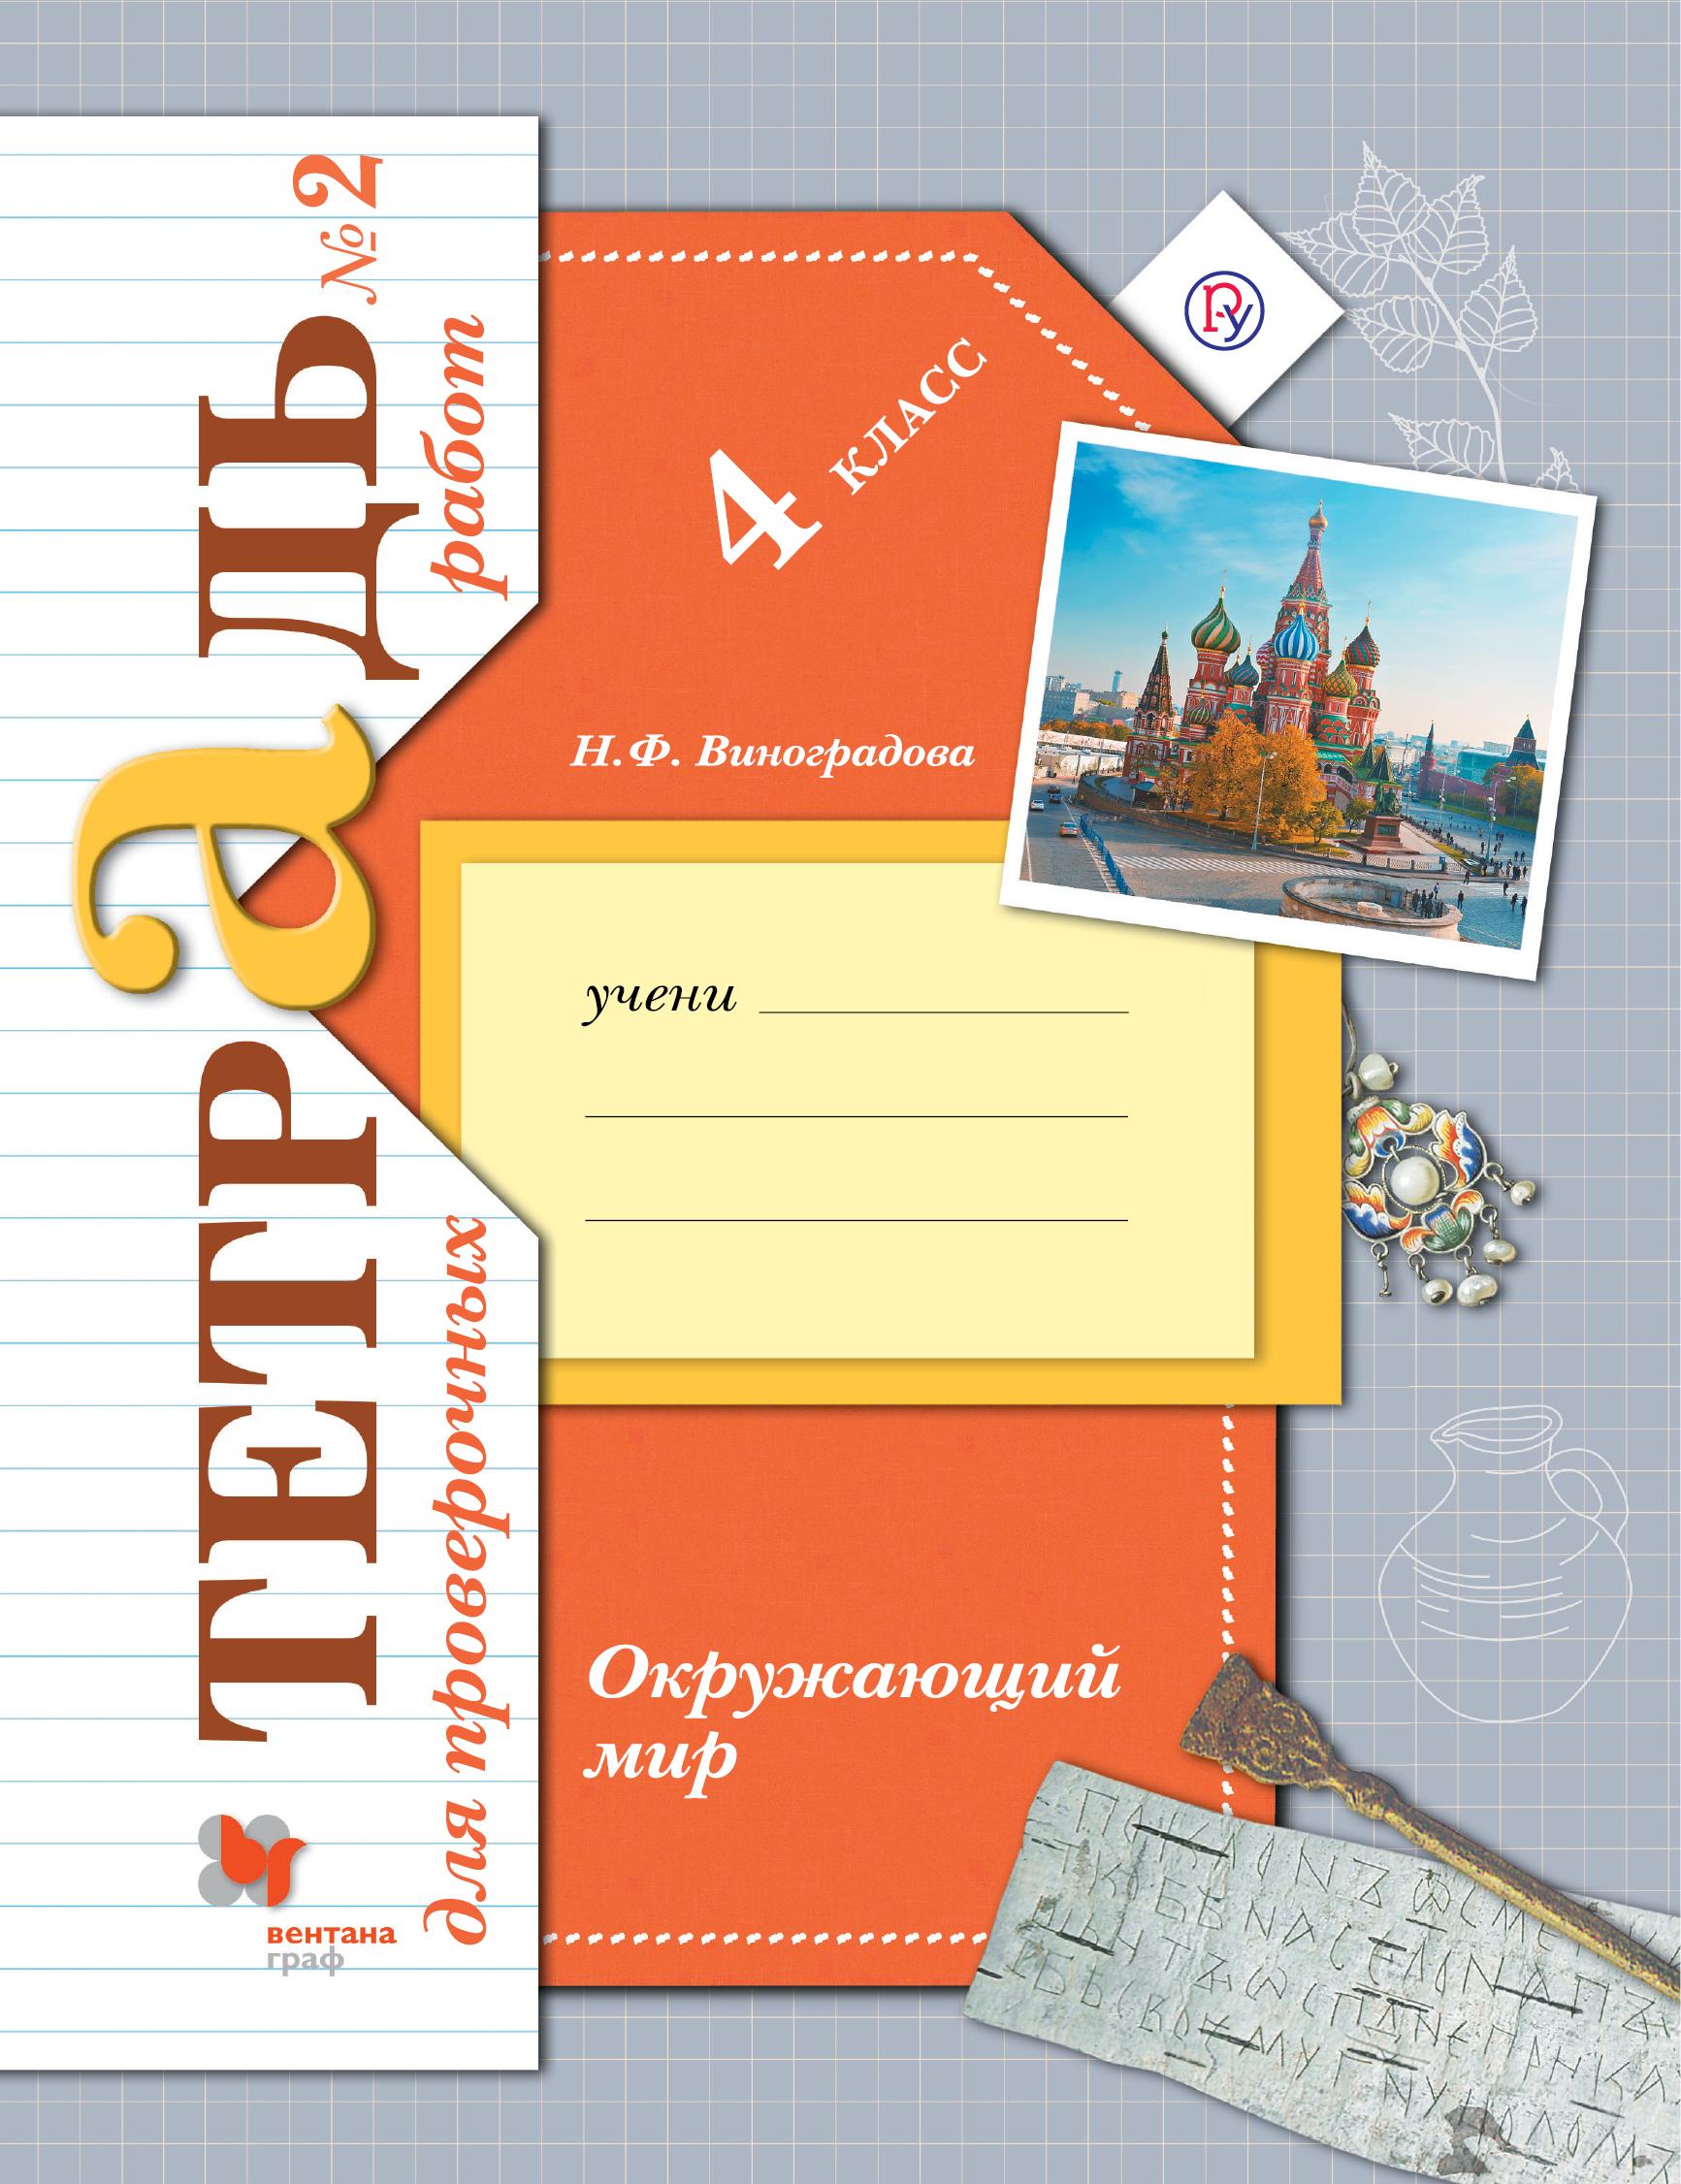 Окружающий мир. 4 класс. Тетрадь для проверочных работ №2 ( Виноградова Н.Ф.  )